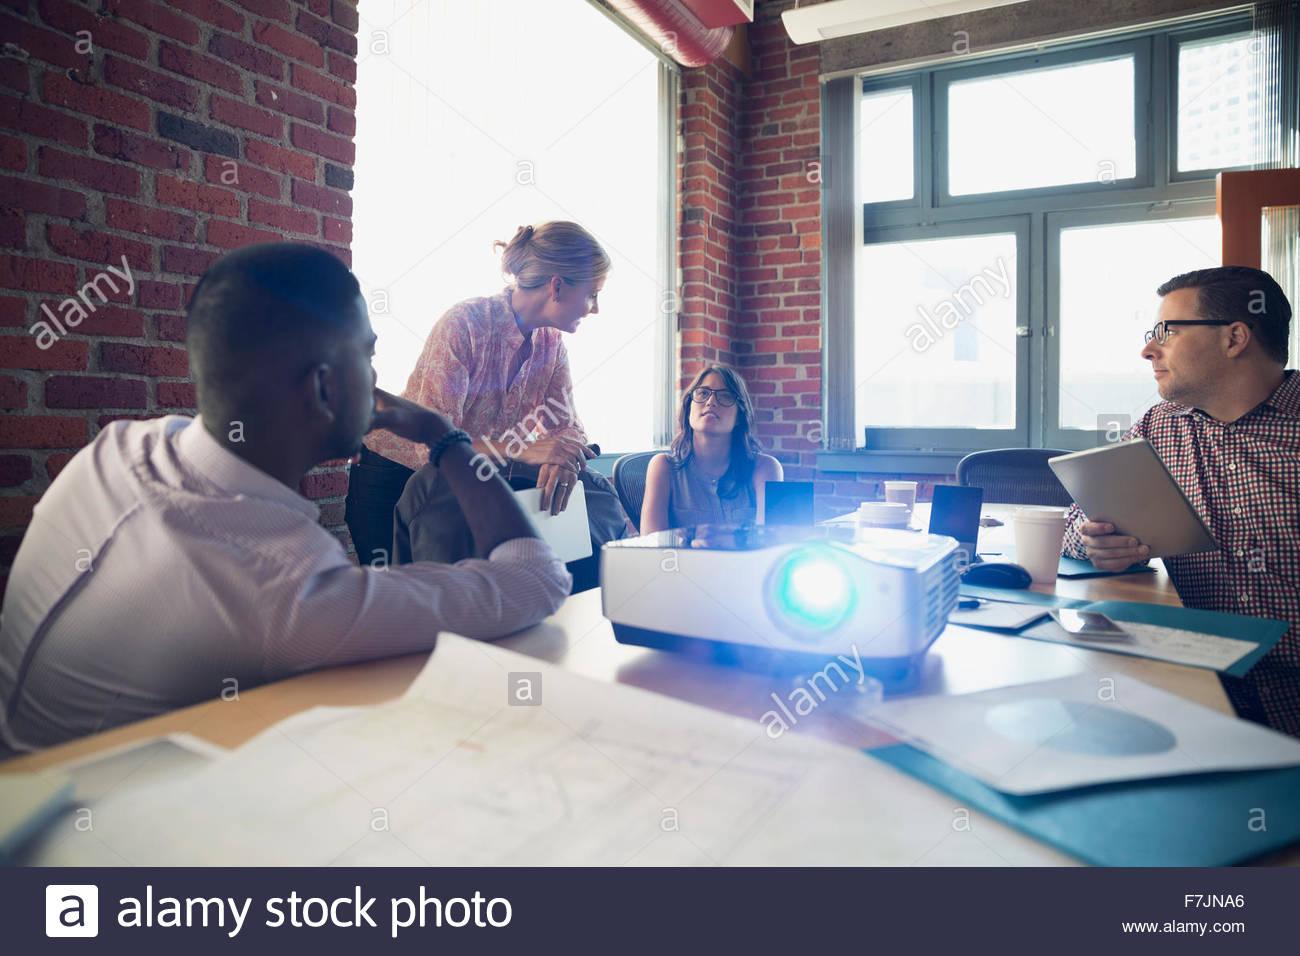 Los empresarios reunidos en la sala de conferencias con proyector Imagen De Stock